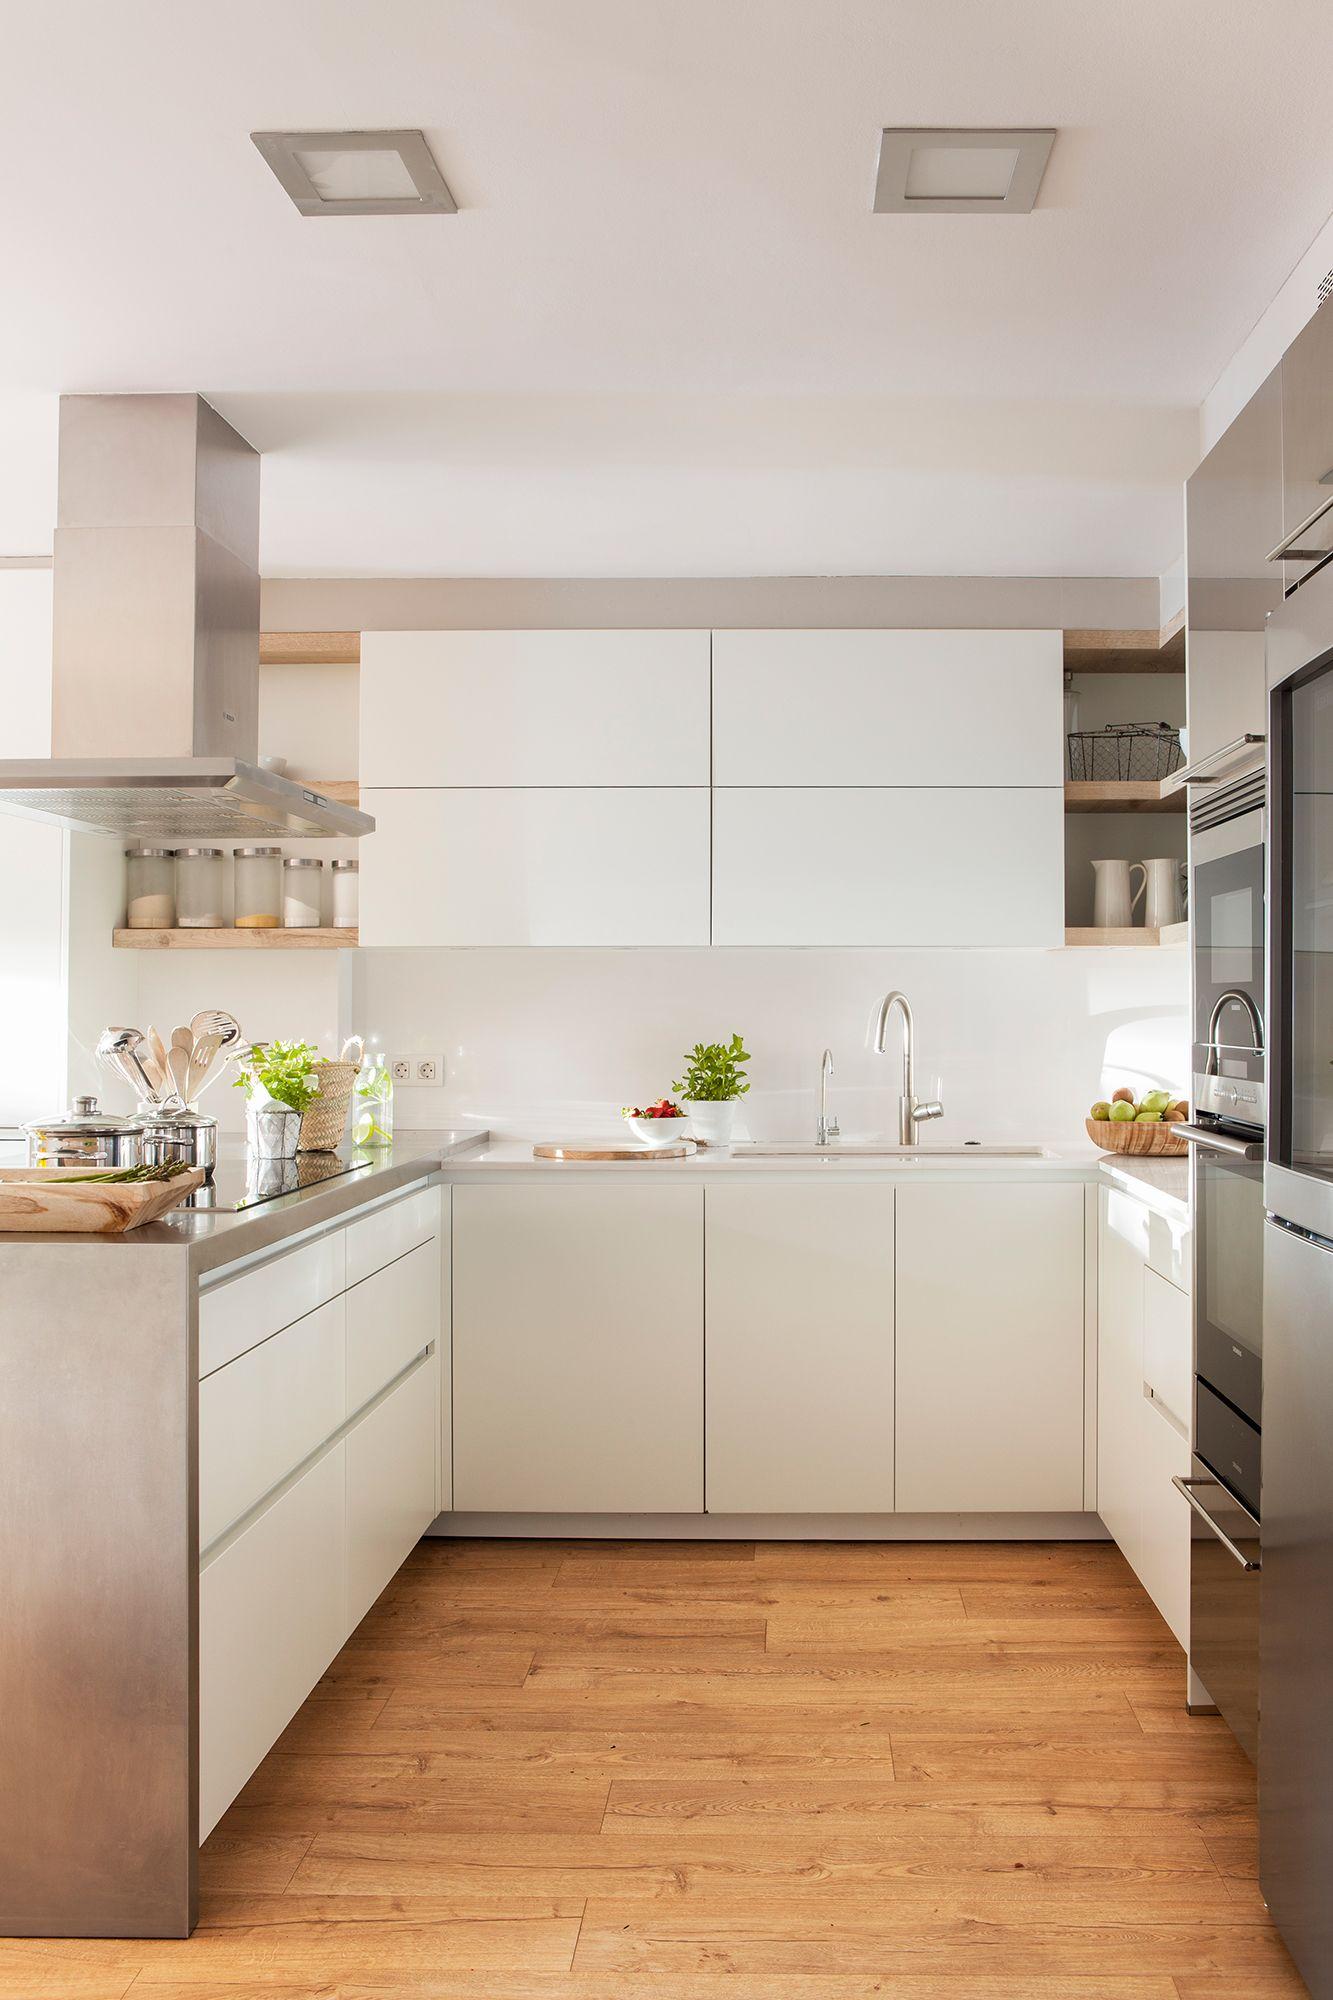 Cocina con muebles en blanco y suelo de madera 00429330 for Cocinas de madera pequenas